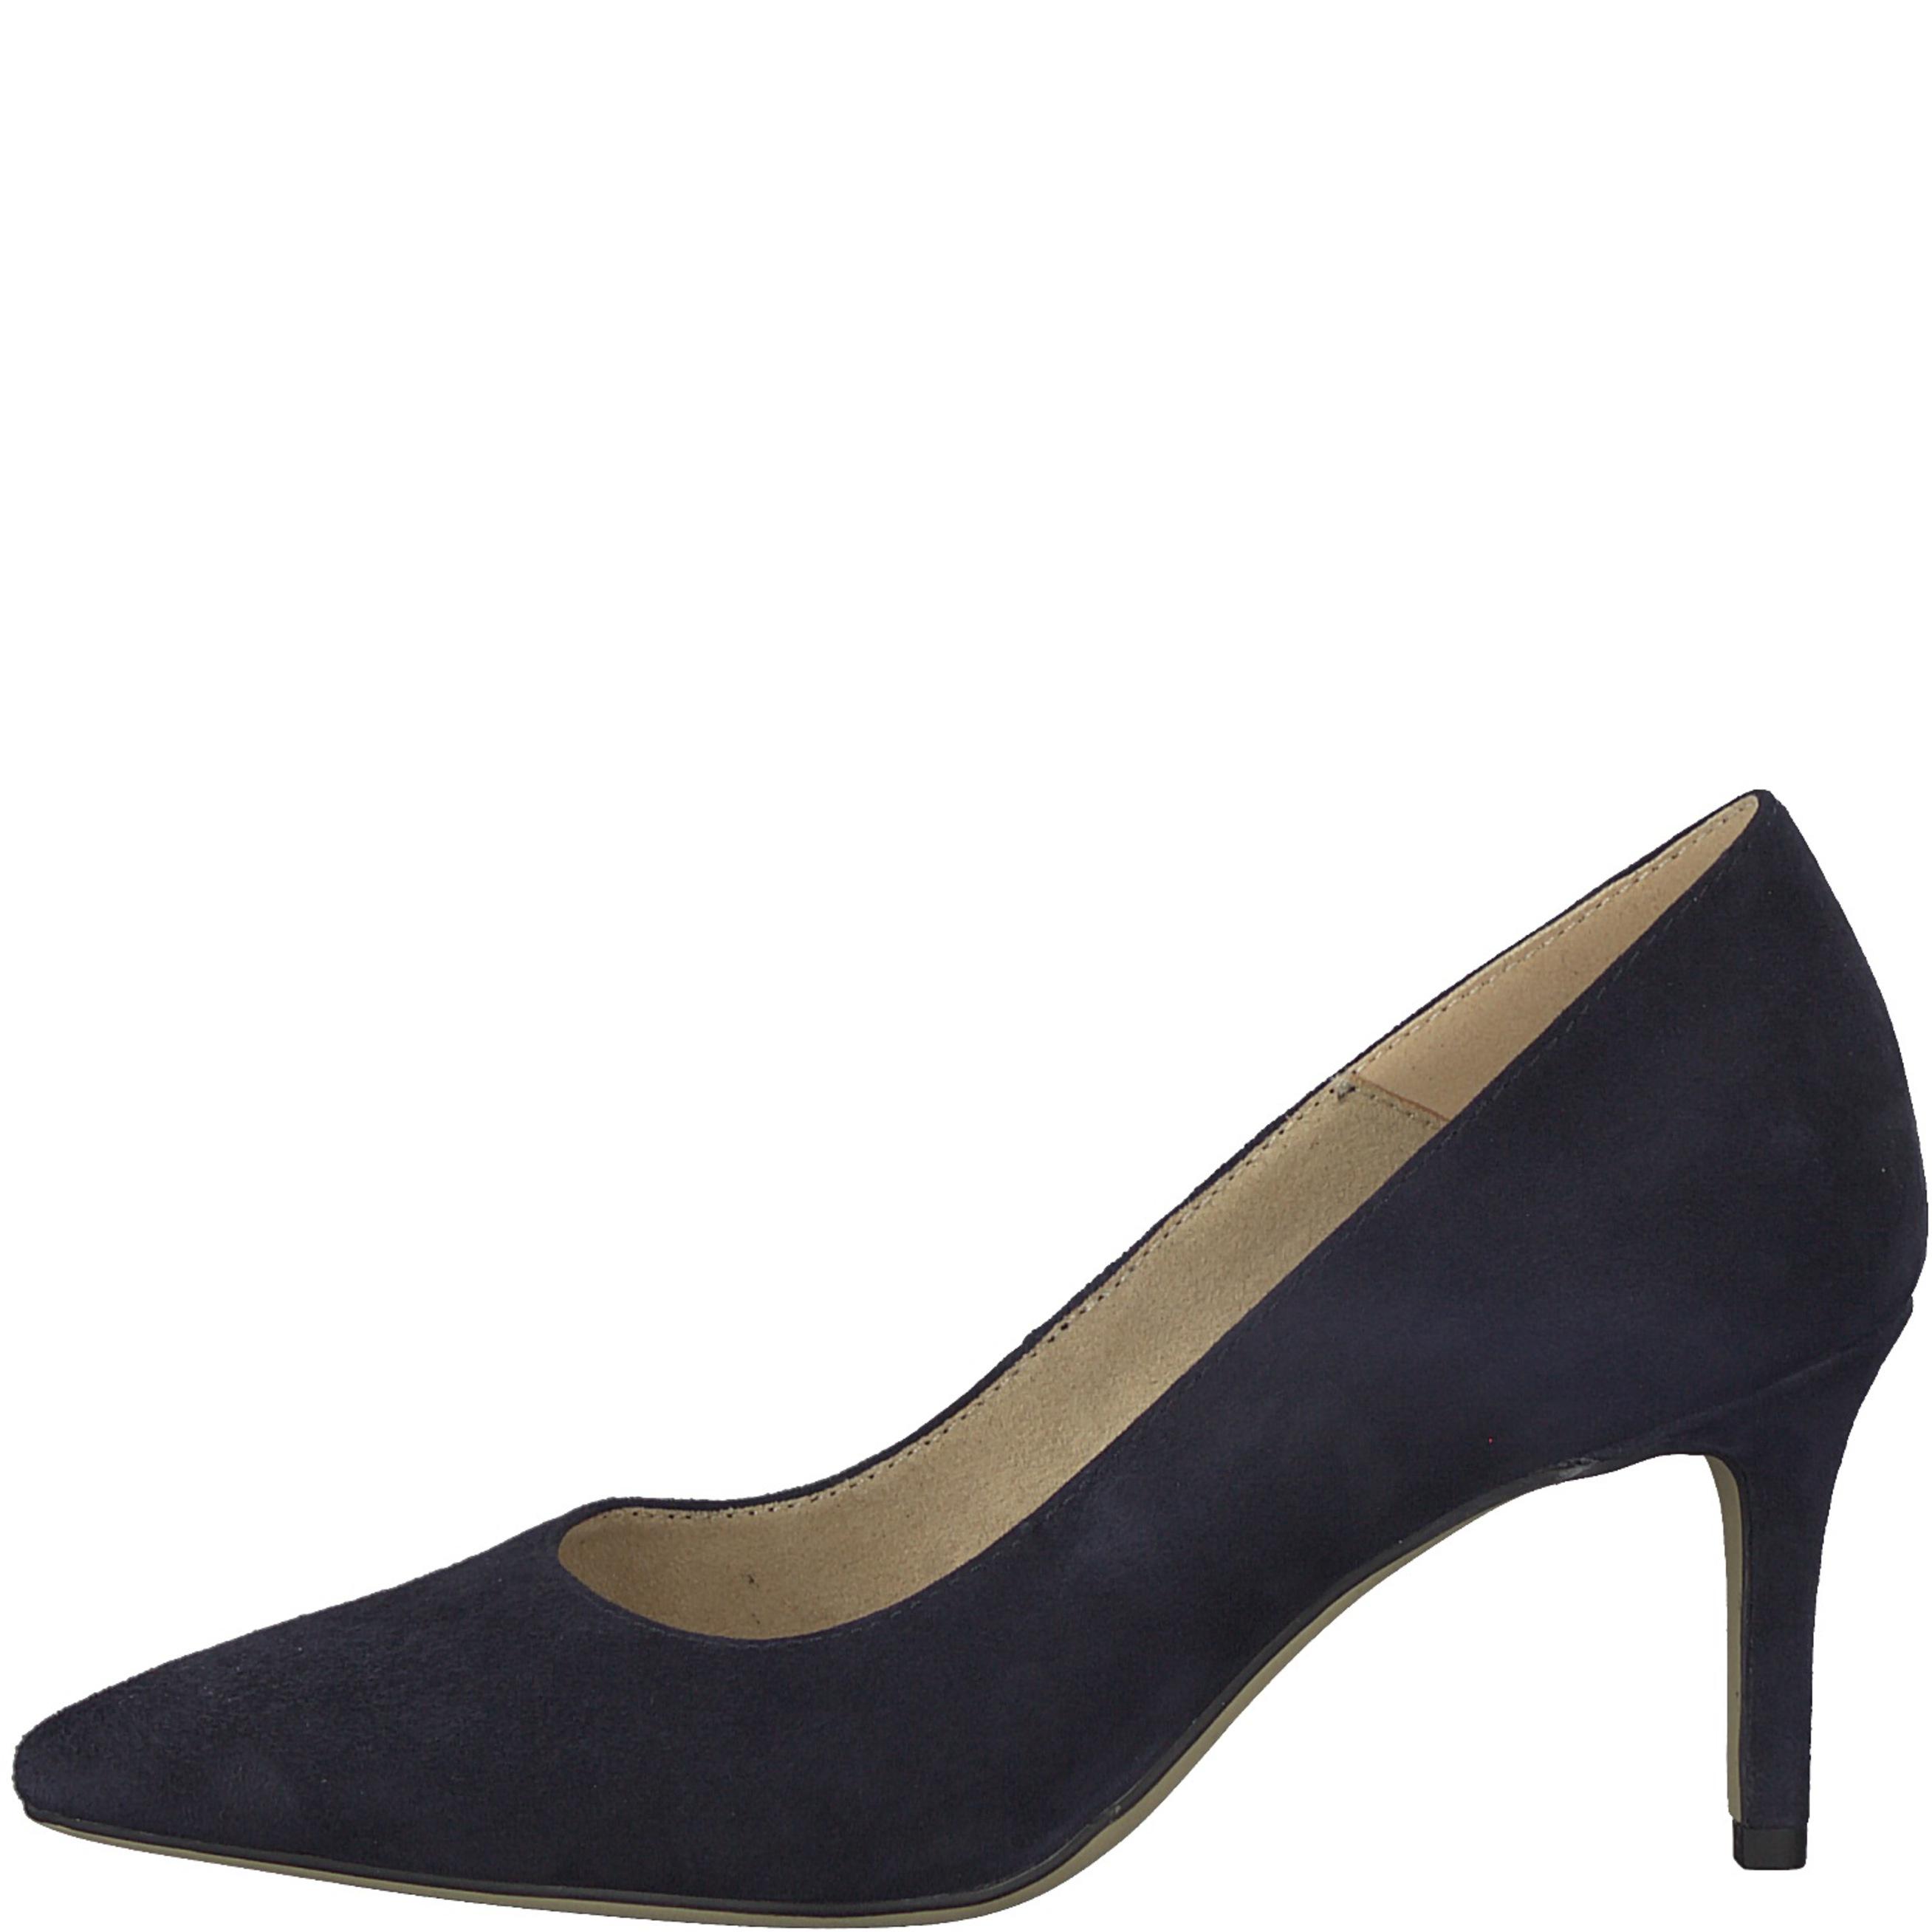 High Heels TAMARIS 1 22484 30 Navy 805 High Heels